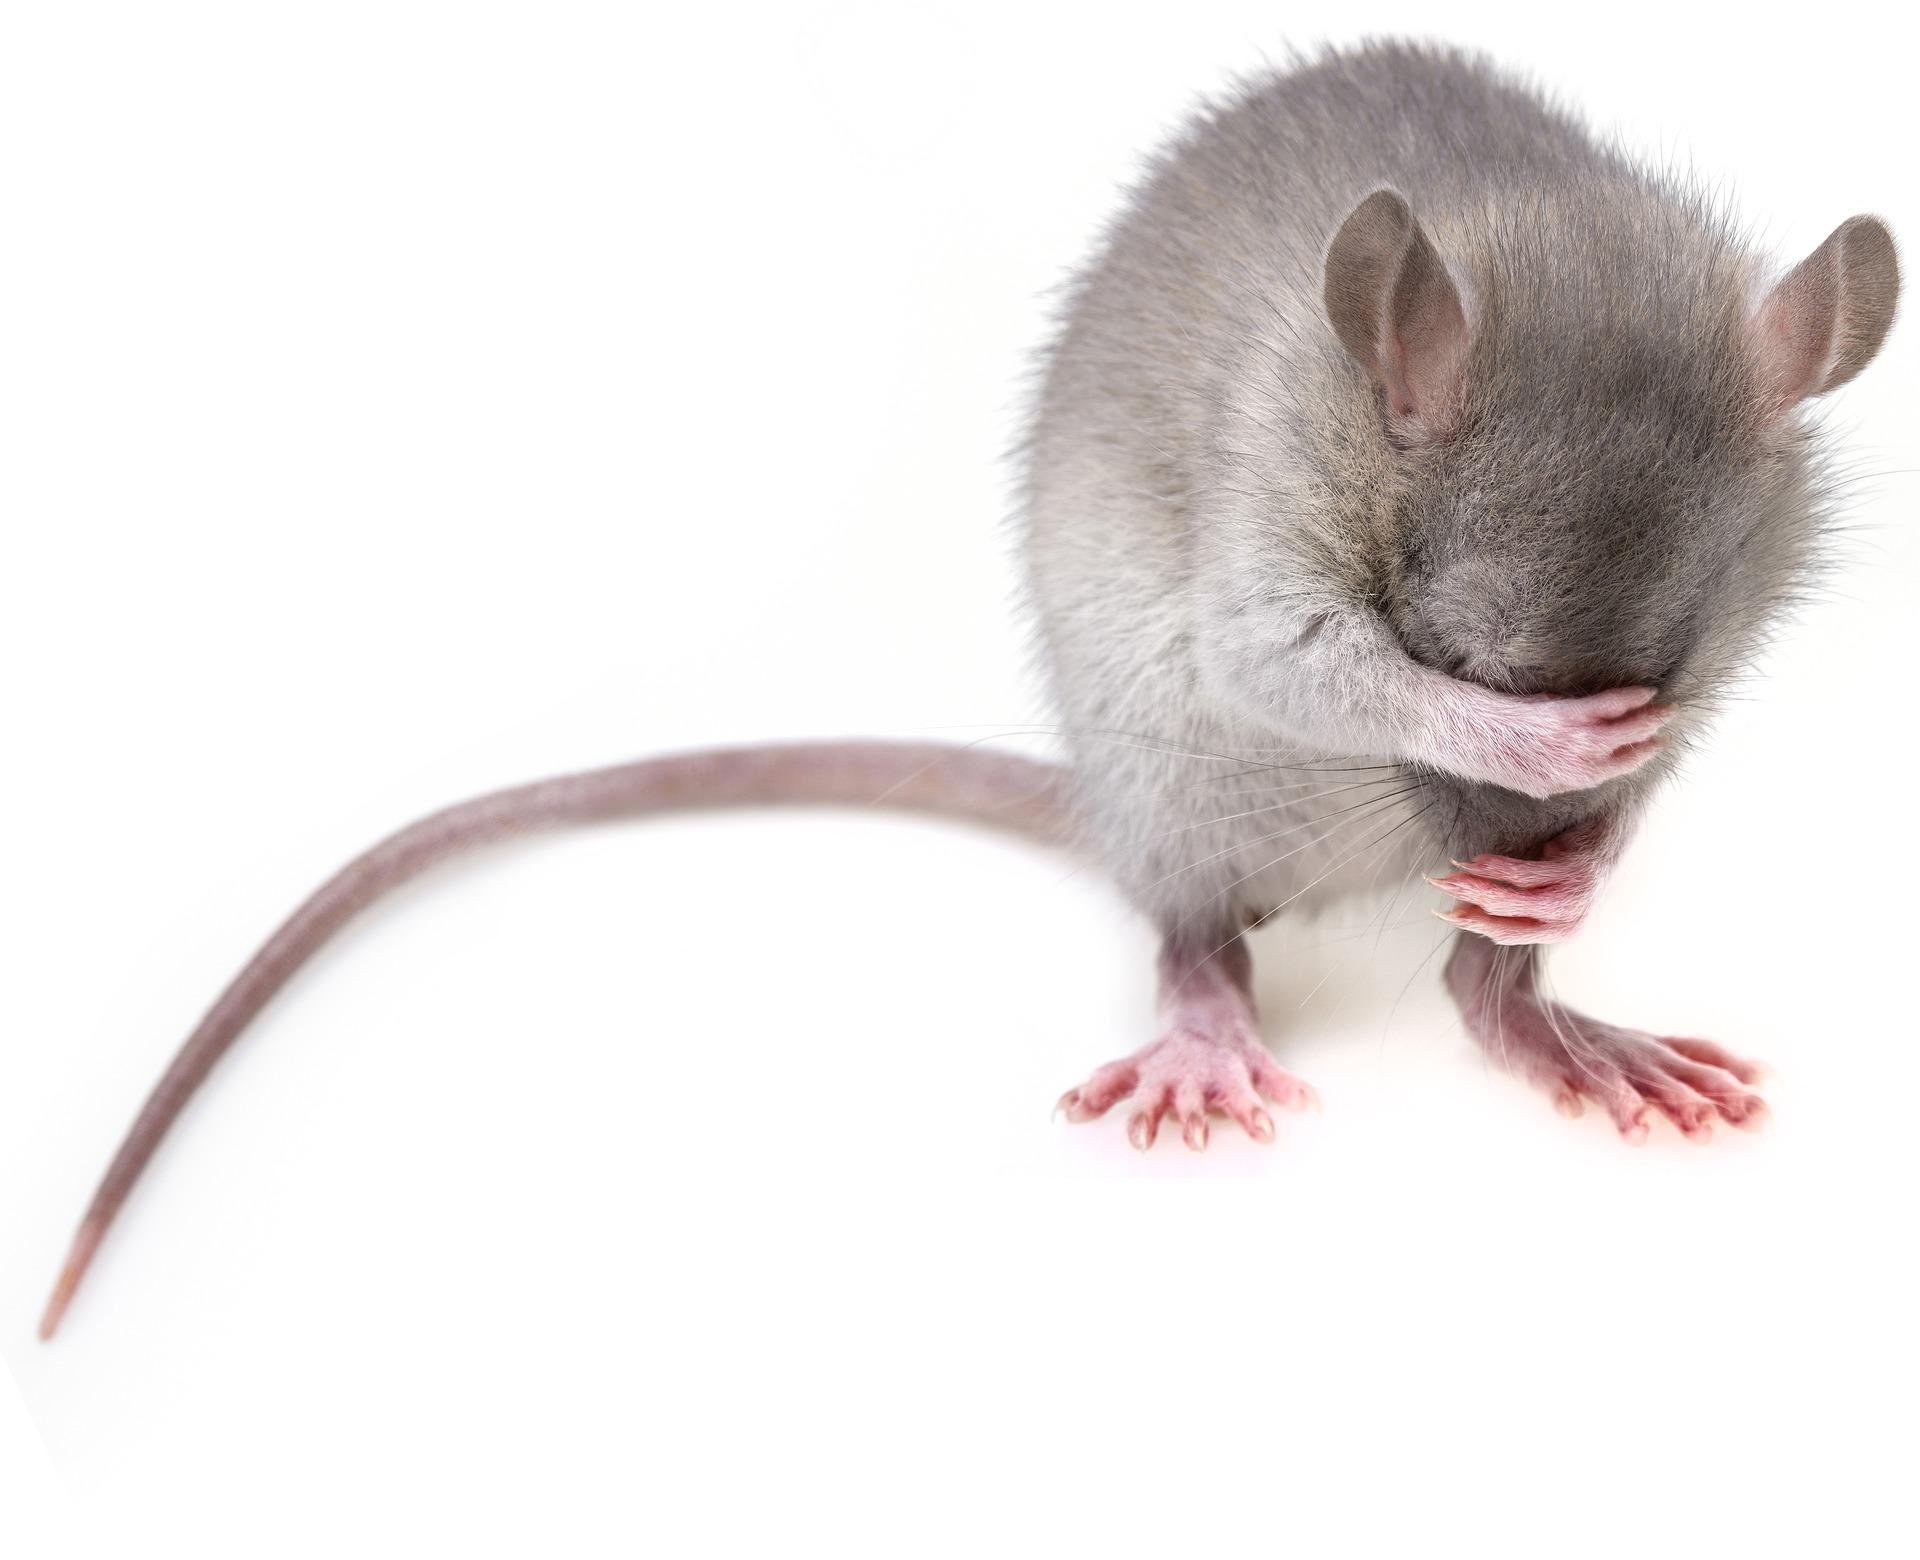 Mäuse mögen unsere Lichtschachtabdeckungen nicht   www.fliegengittermacher.de